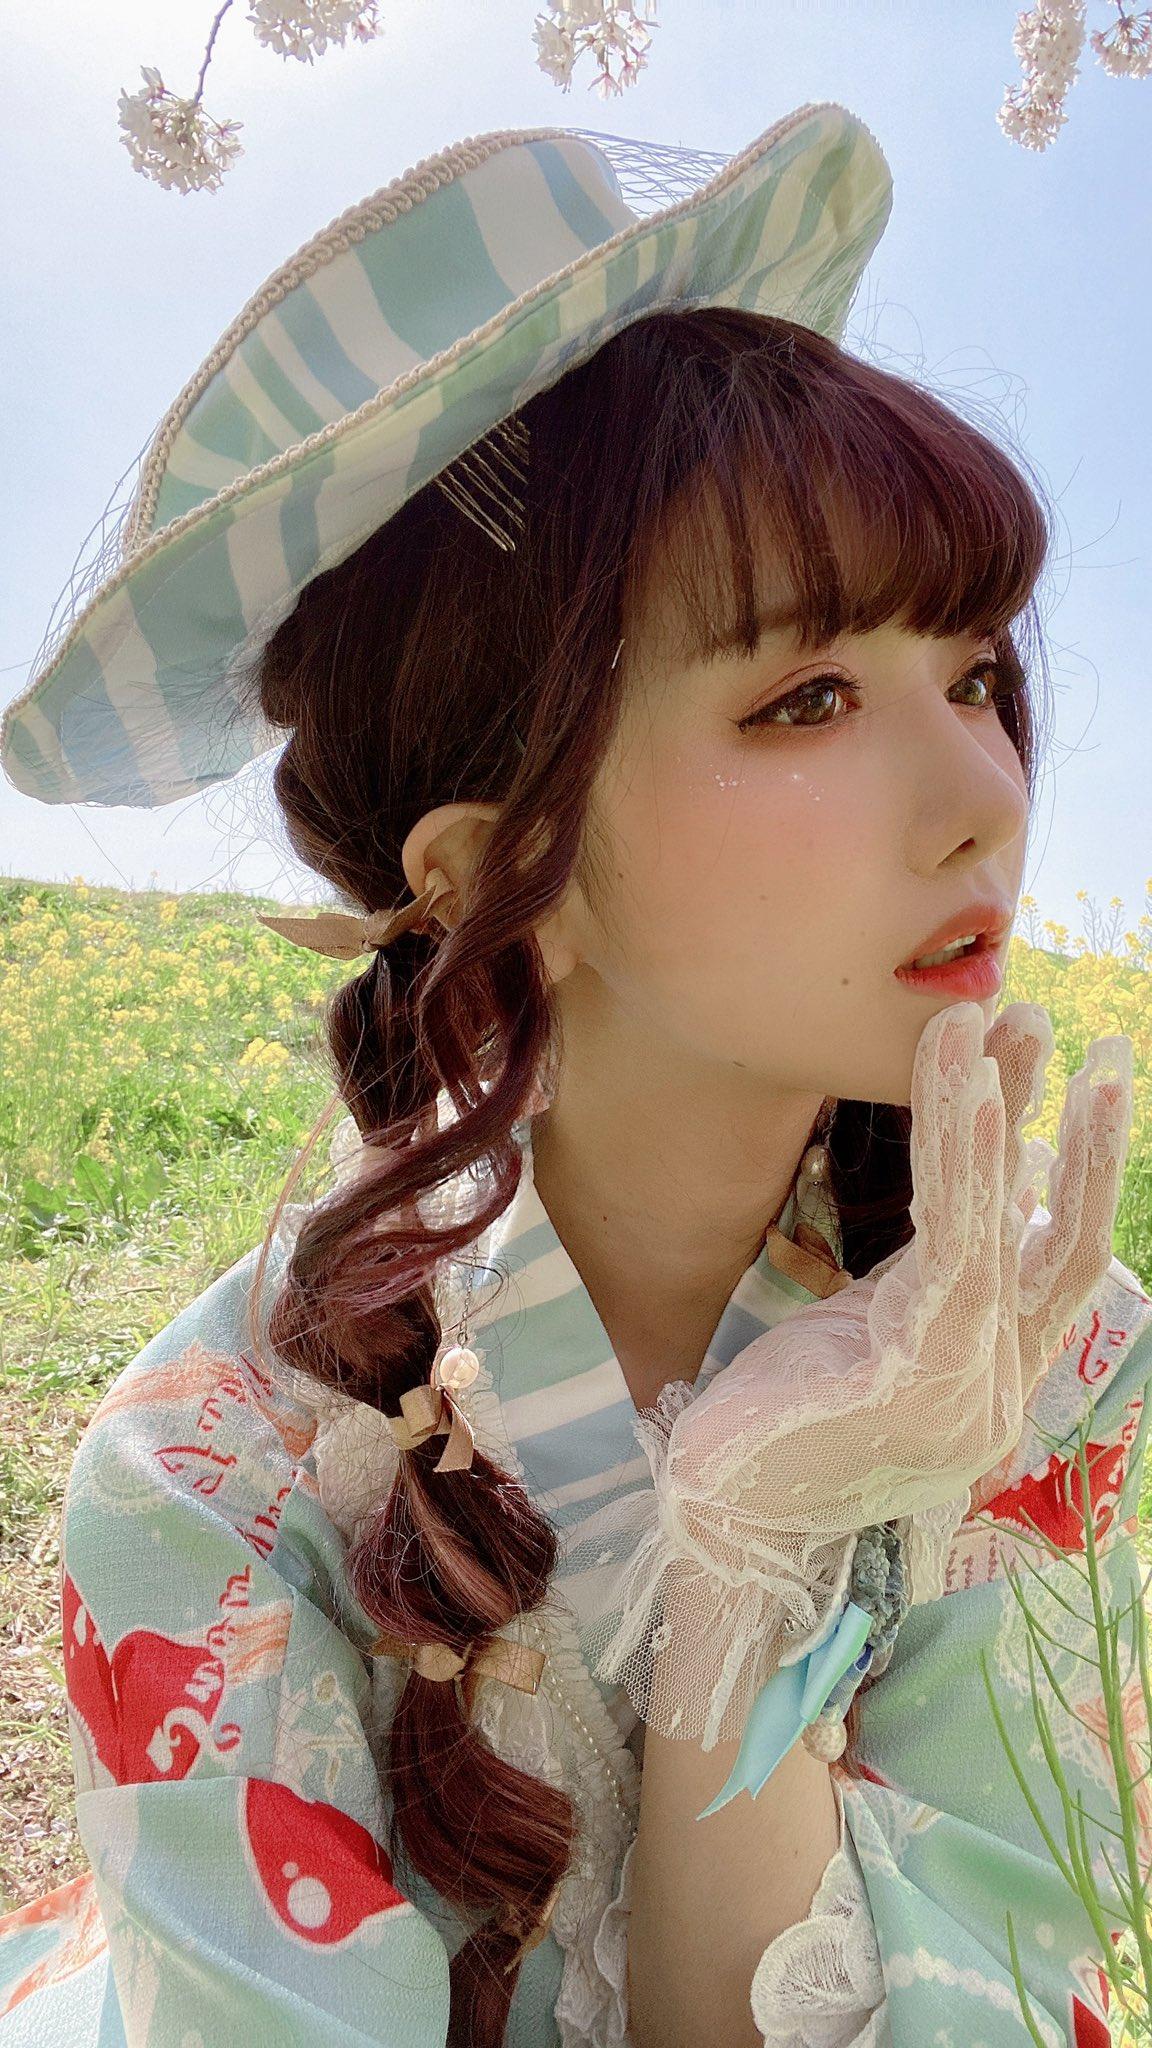 画像,花の香りがときめき、 風に挟まれた優しさMake-up:@miyako_cheng#Lolitafashion #lolita https://t.co/BBg…